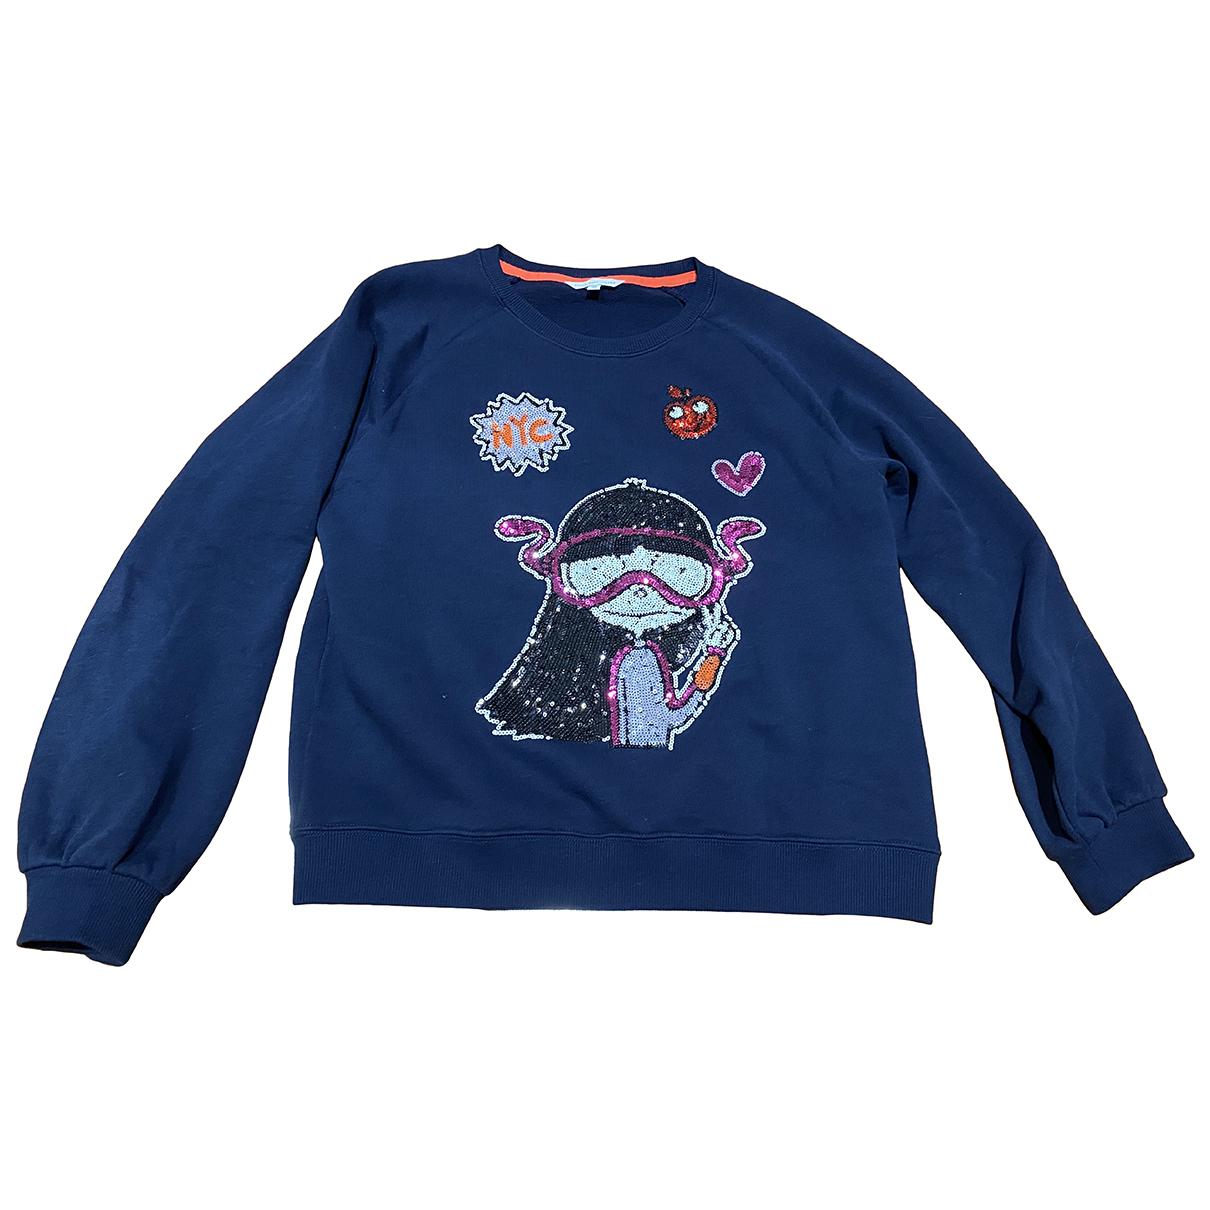 Marc Jacobs N Blue Cotton Knitwear for Women XS International